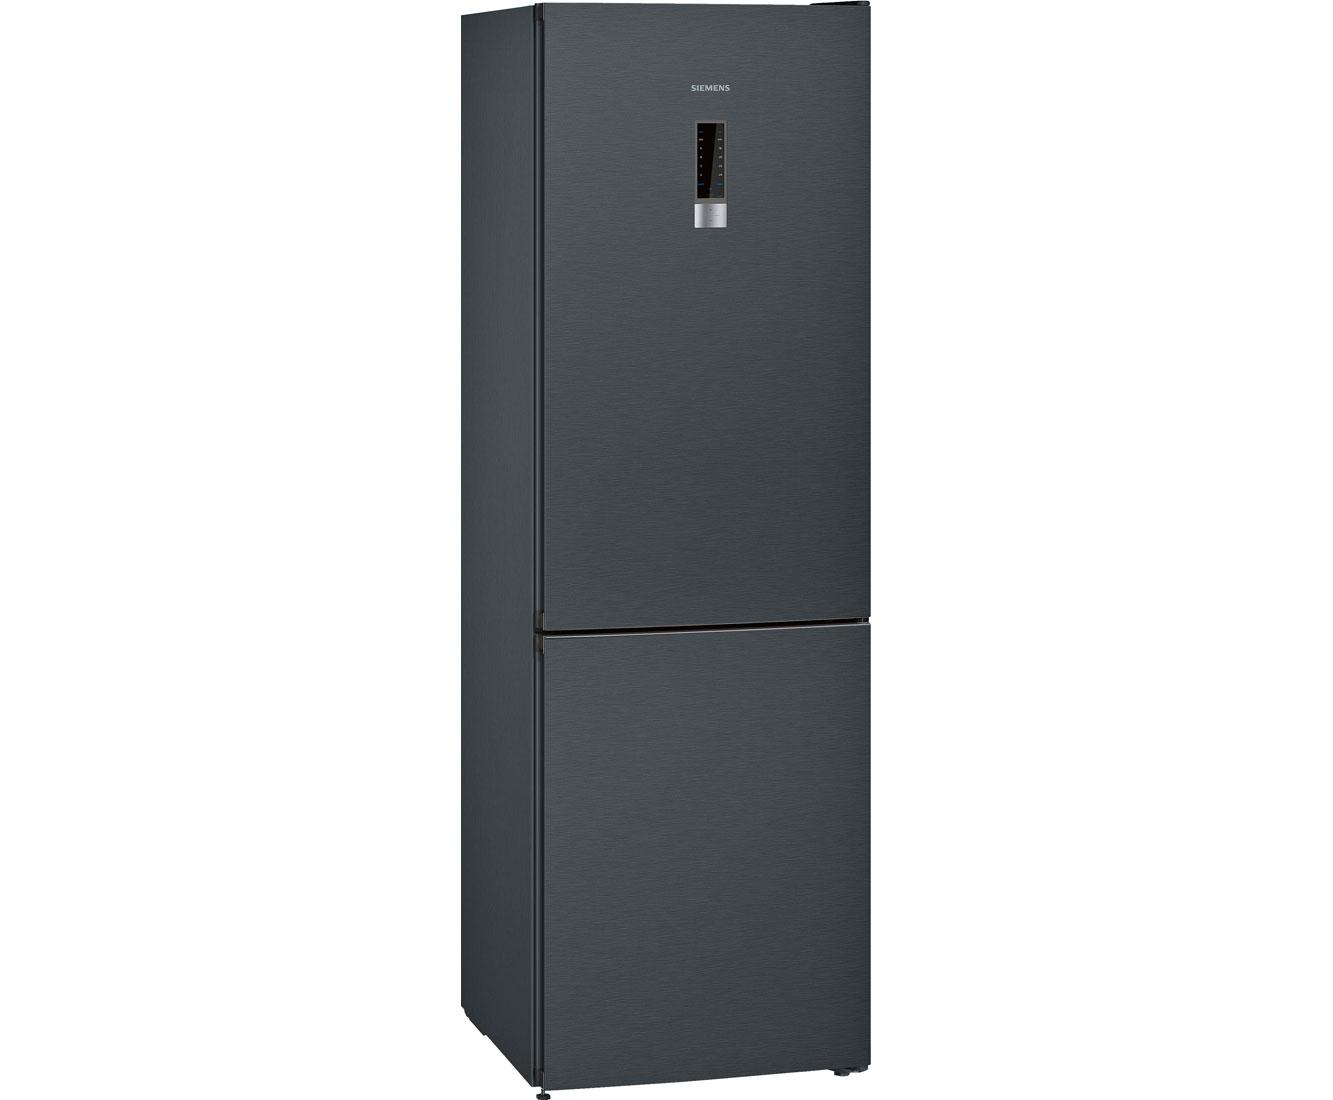 Gorenje Kühlschrank Schalter Funktion : Kühlschrank schwarz preisvergleich u die besten angebote online kaufen